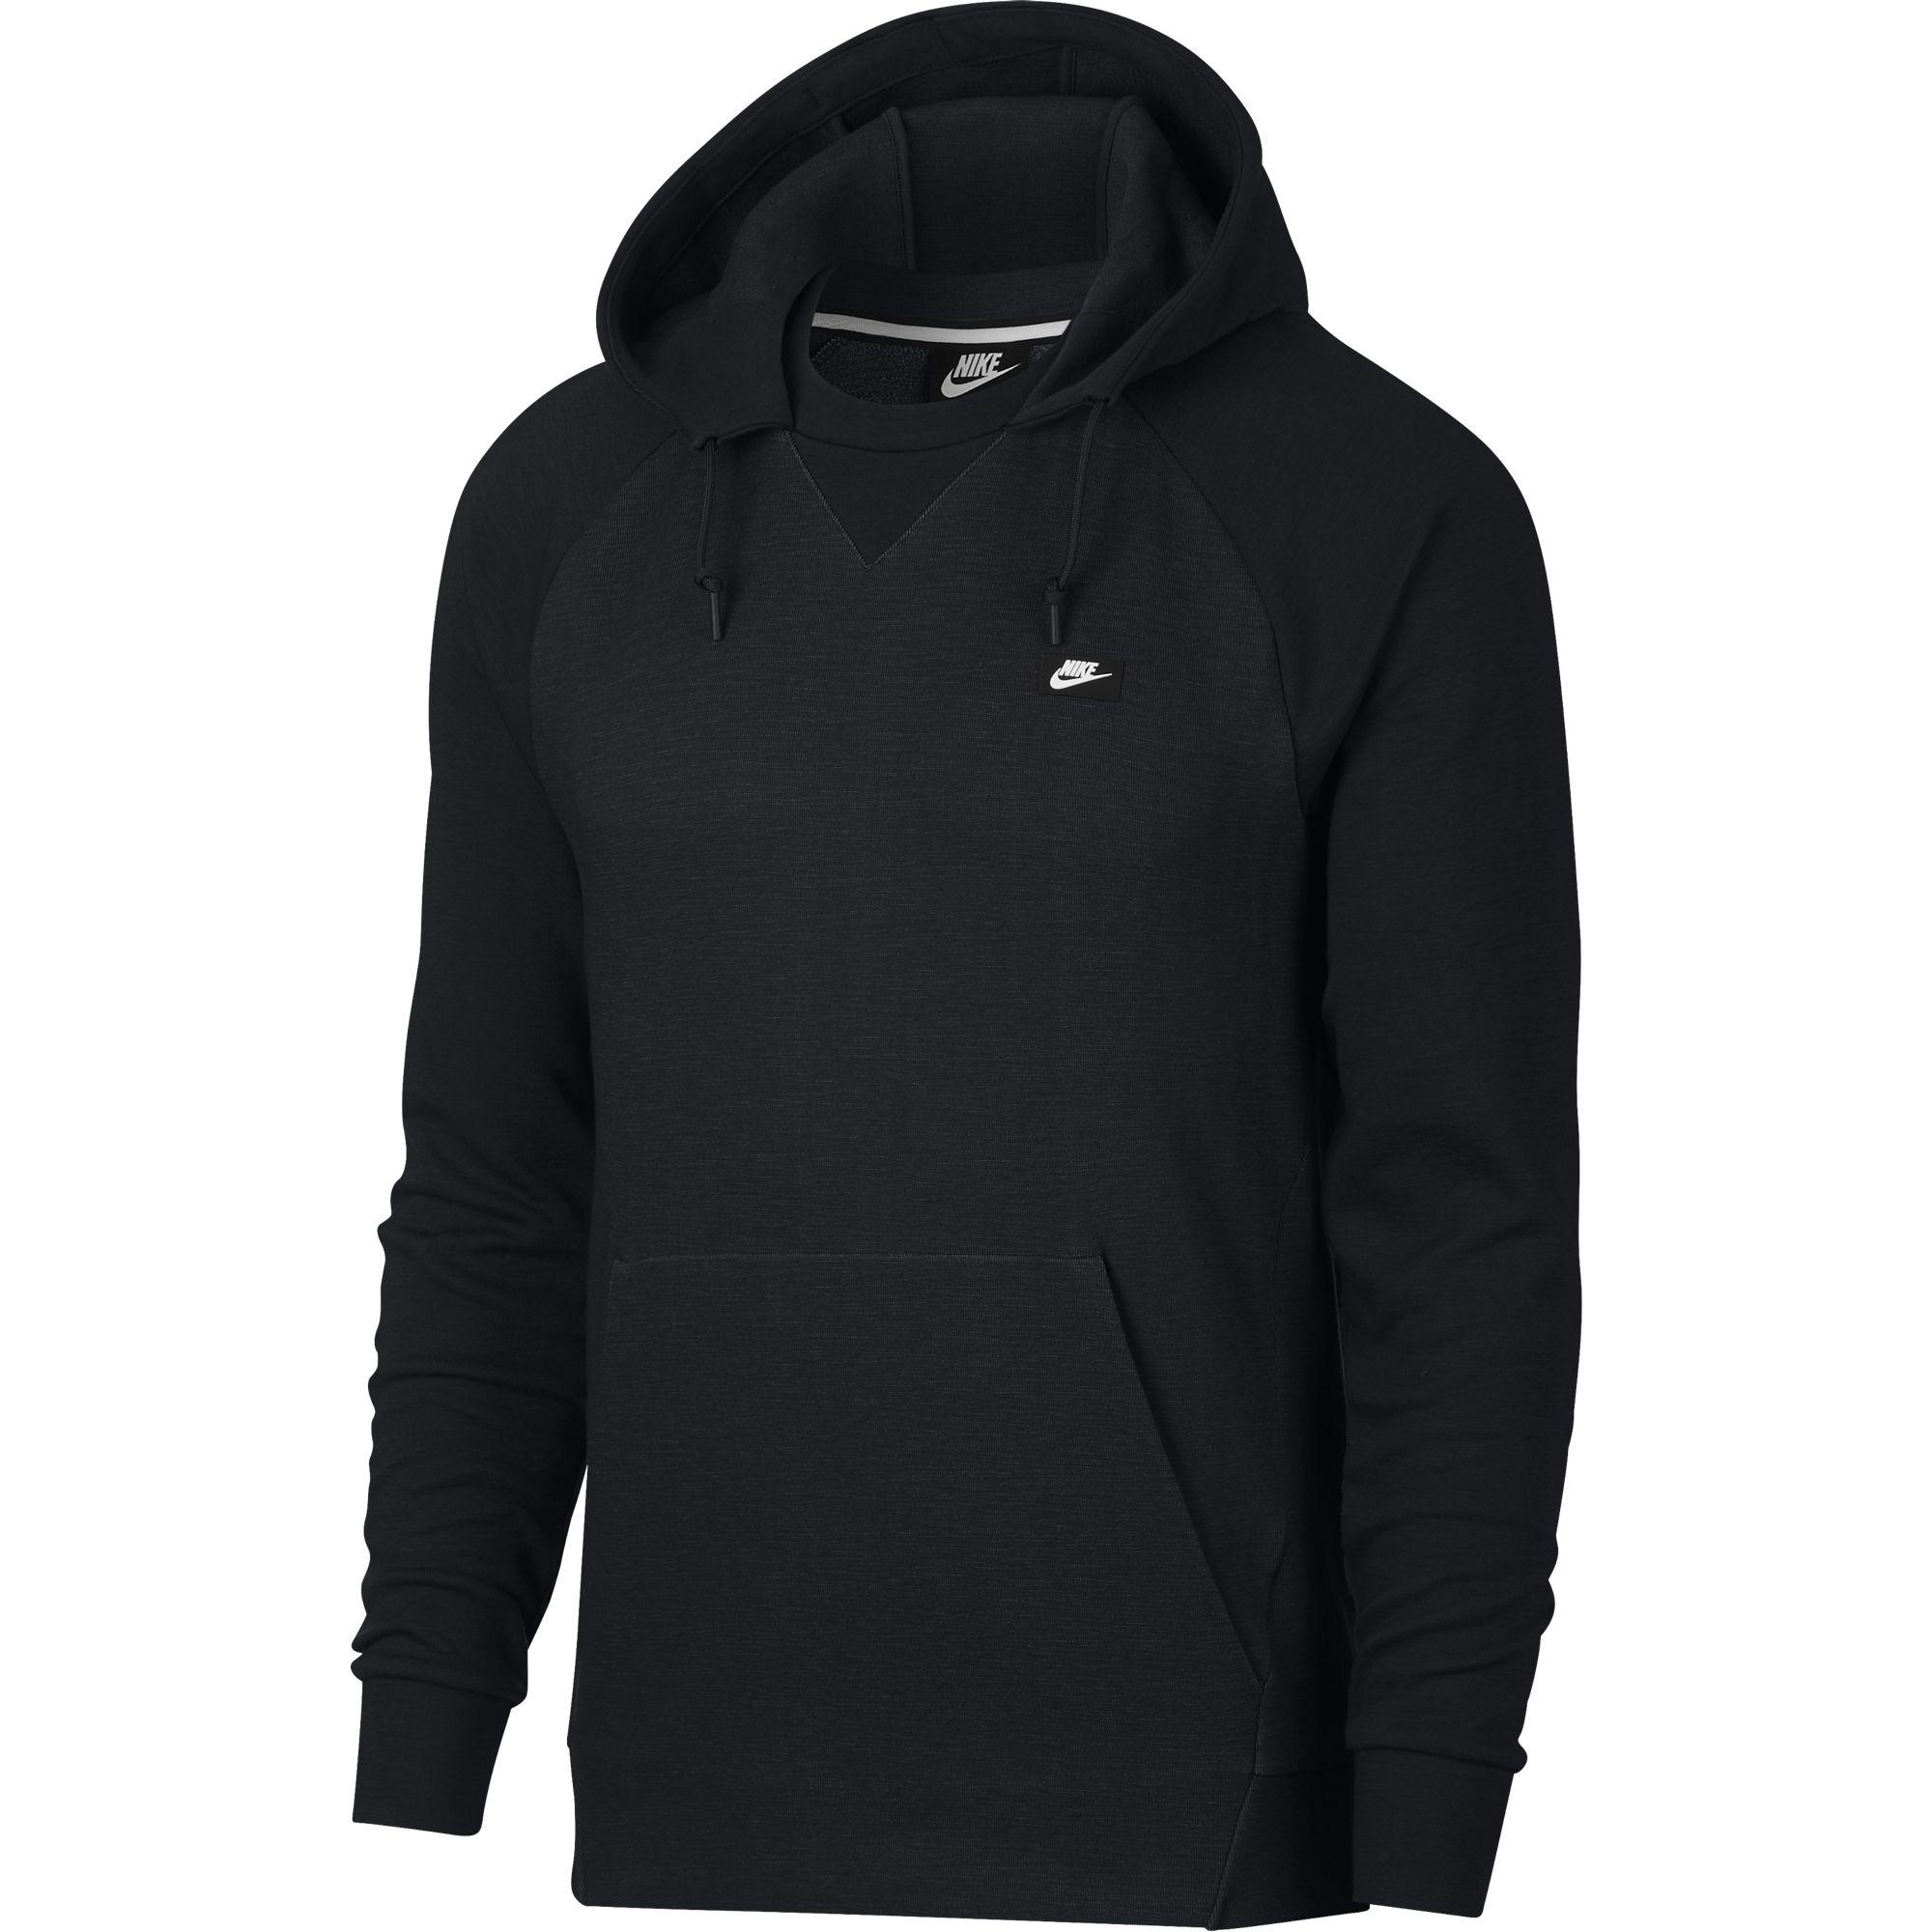 3080c930f5 Nike Mikina Sportswear Optic 930377010 - Glami.cz